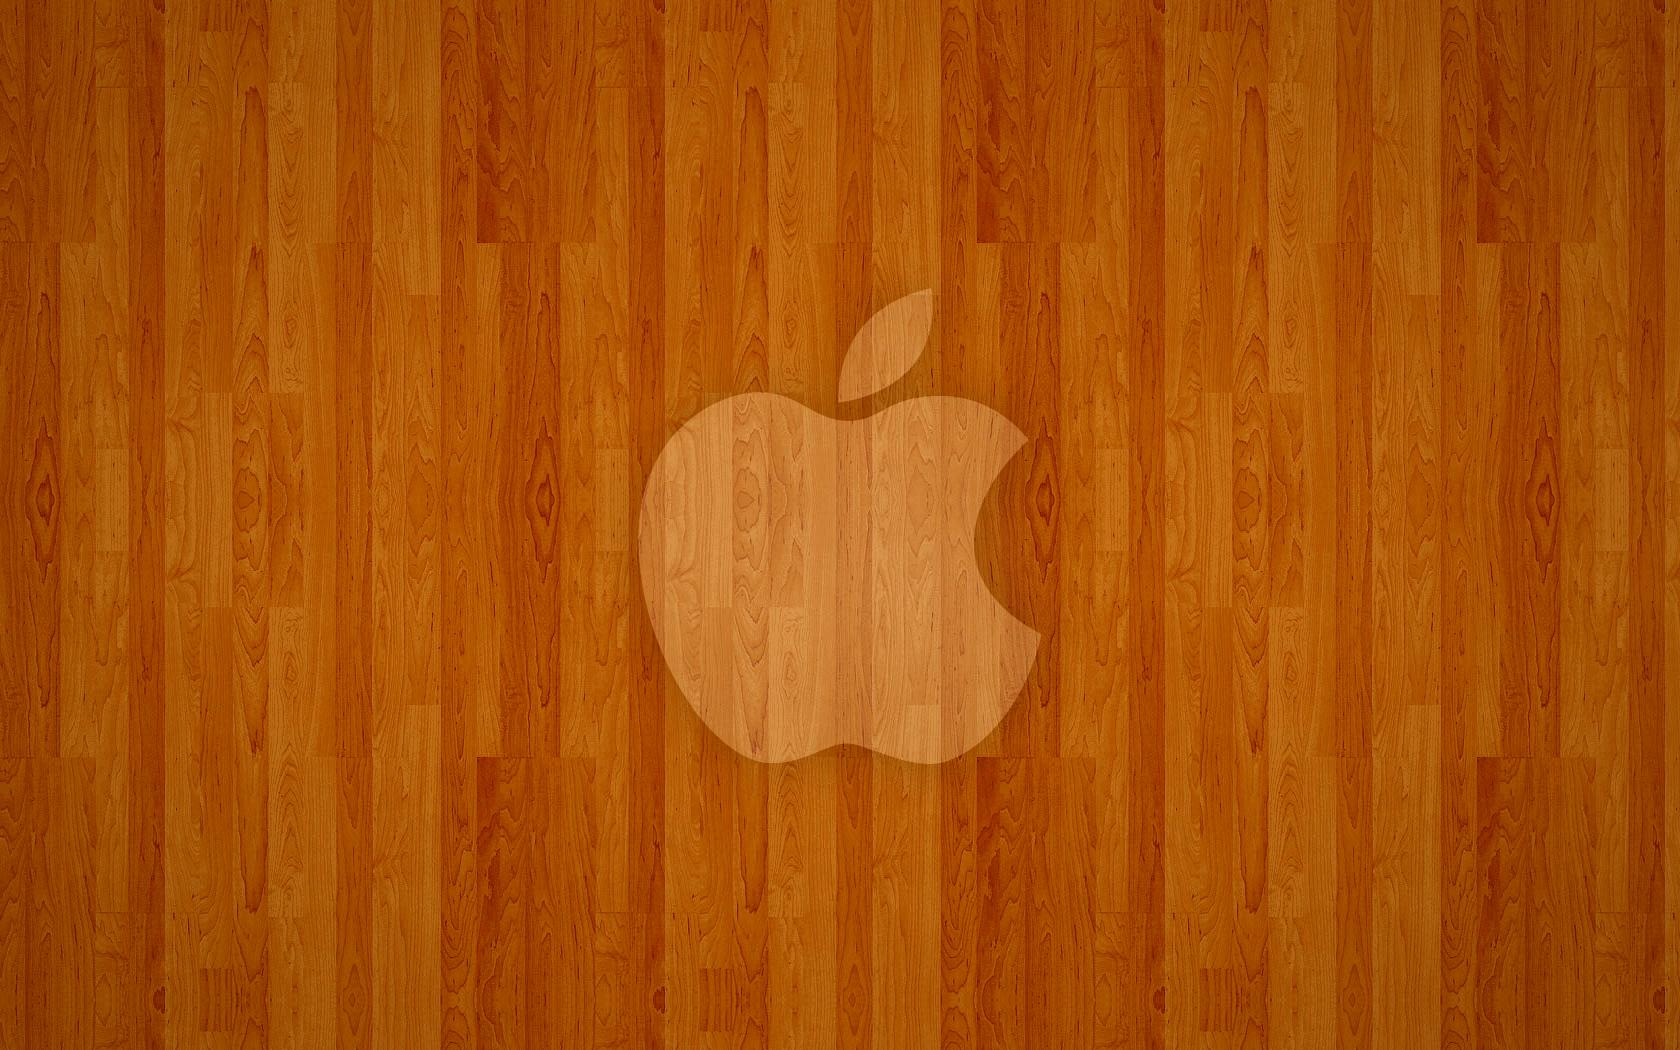 Картинка для айфона из дерева